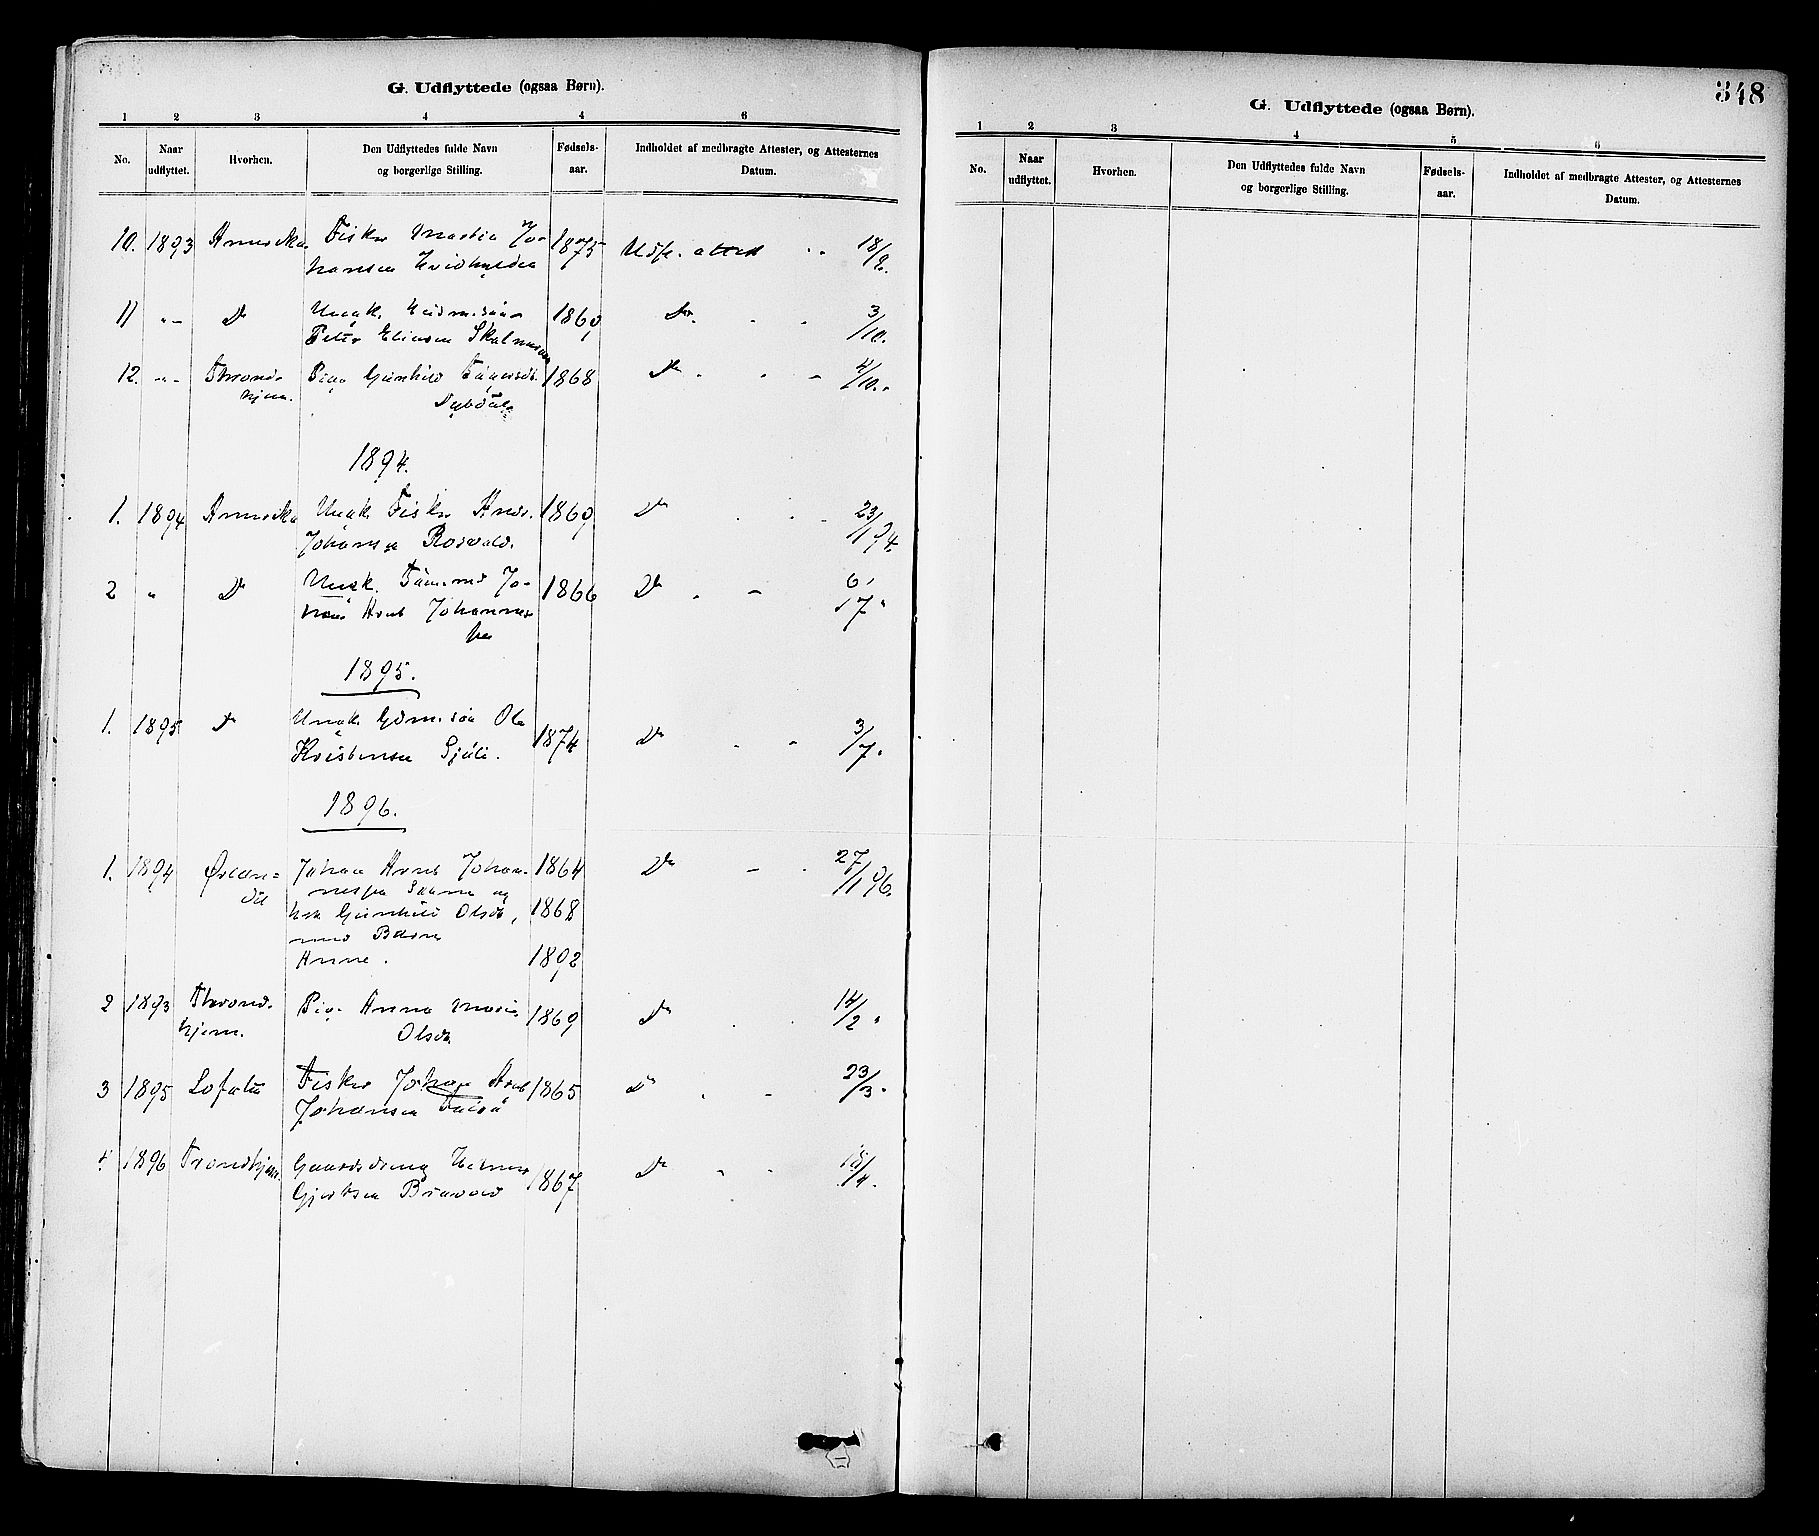 SAT, Ministerialprotokoller, klokkerbøker og fødselsregistre - Sør-Trøndelag, 647/L0634: Ministerialbok nr. 647A01, 1885-1896, s. 348